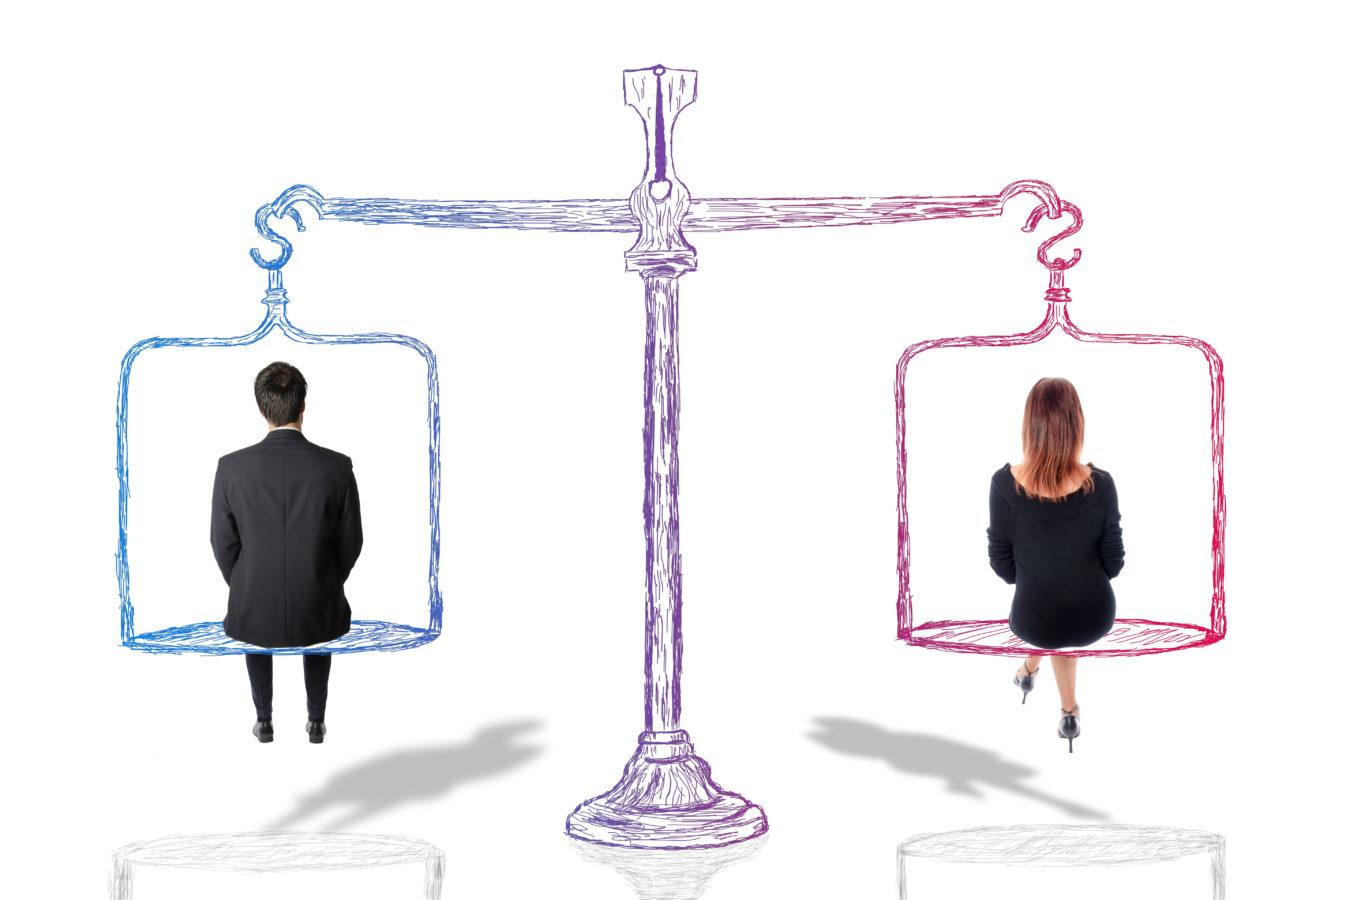 Des aides financières pour promouvoir l'égalité dans la vie professionnelle